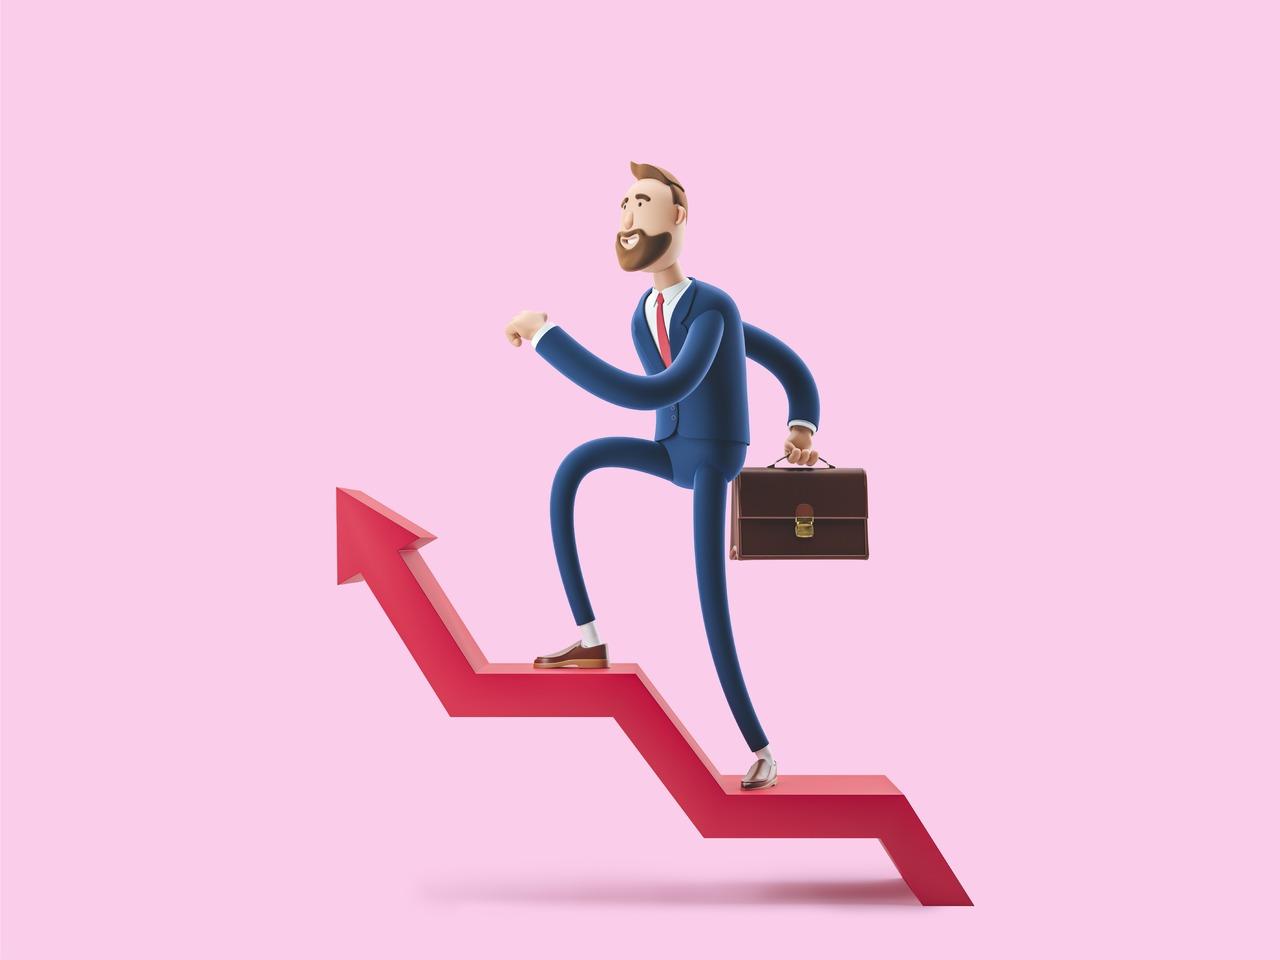 Ilustração de um homem de negócios subindo uma escada em forma de gráfico seta